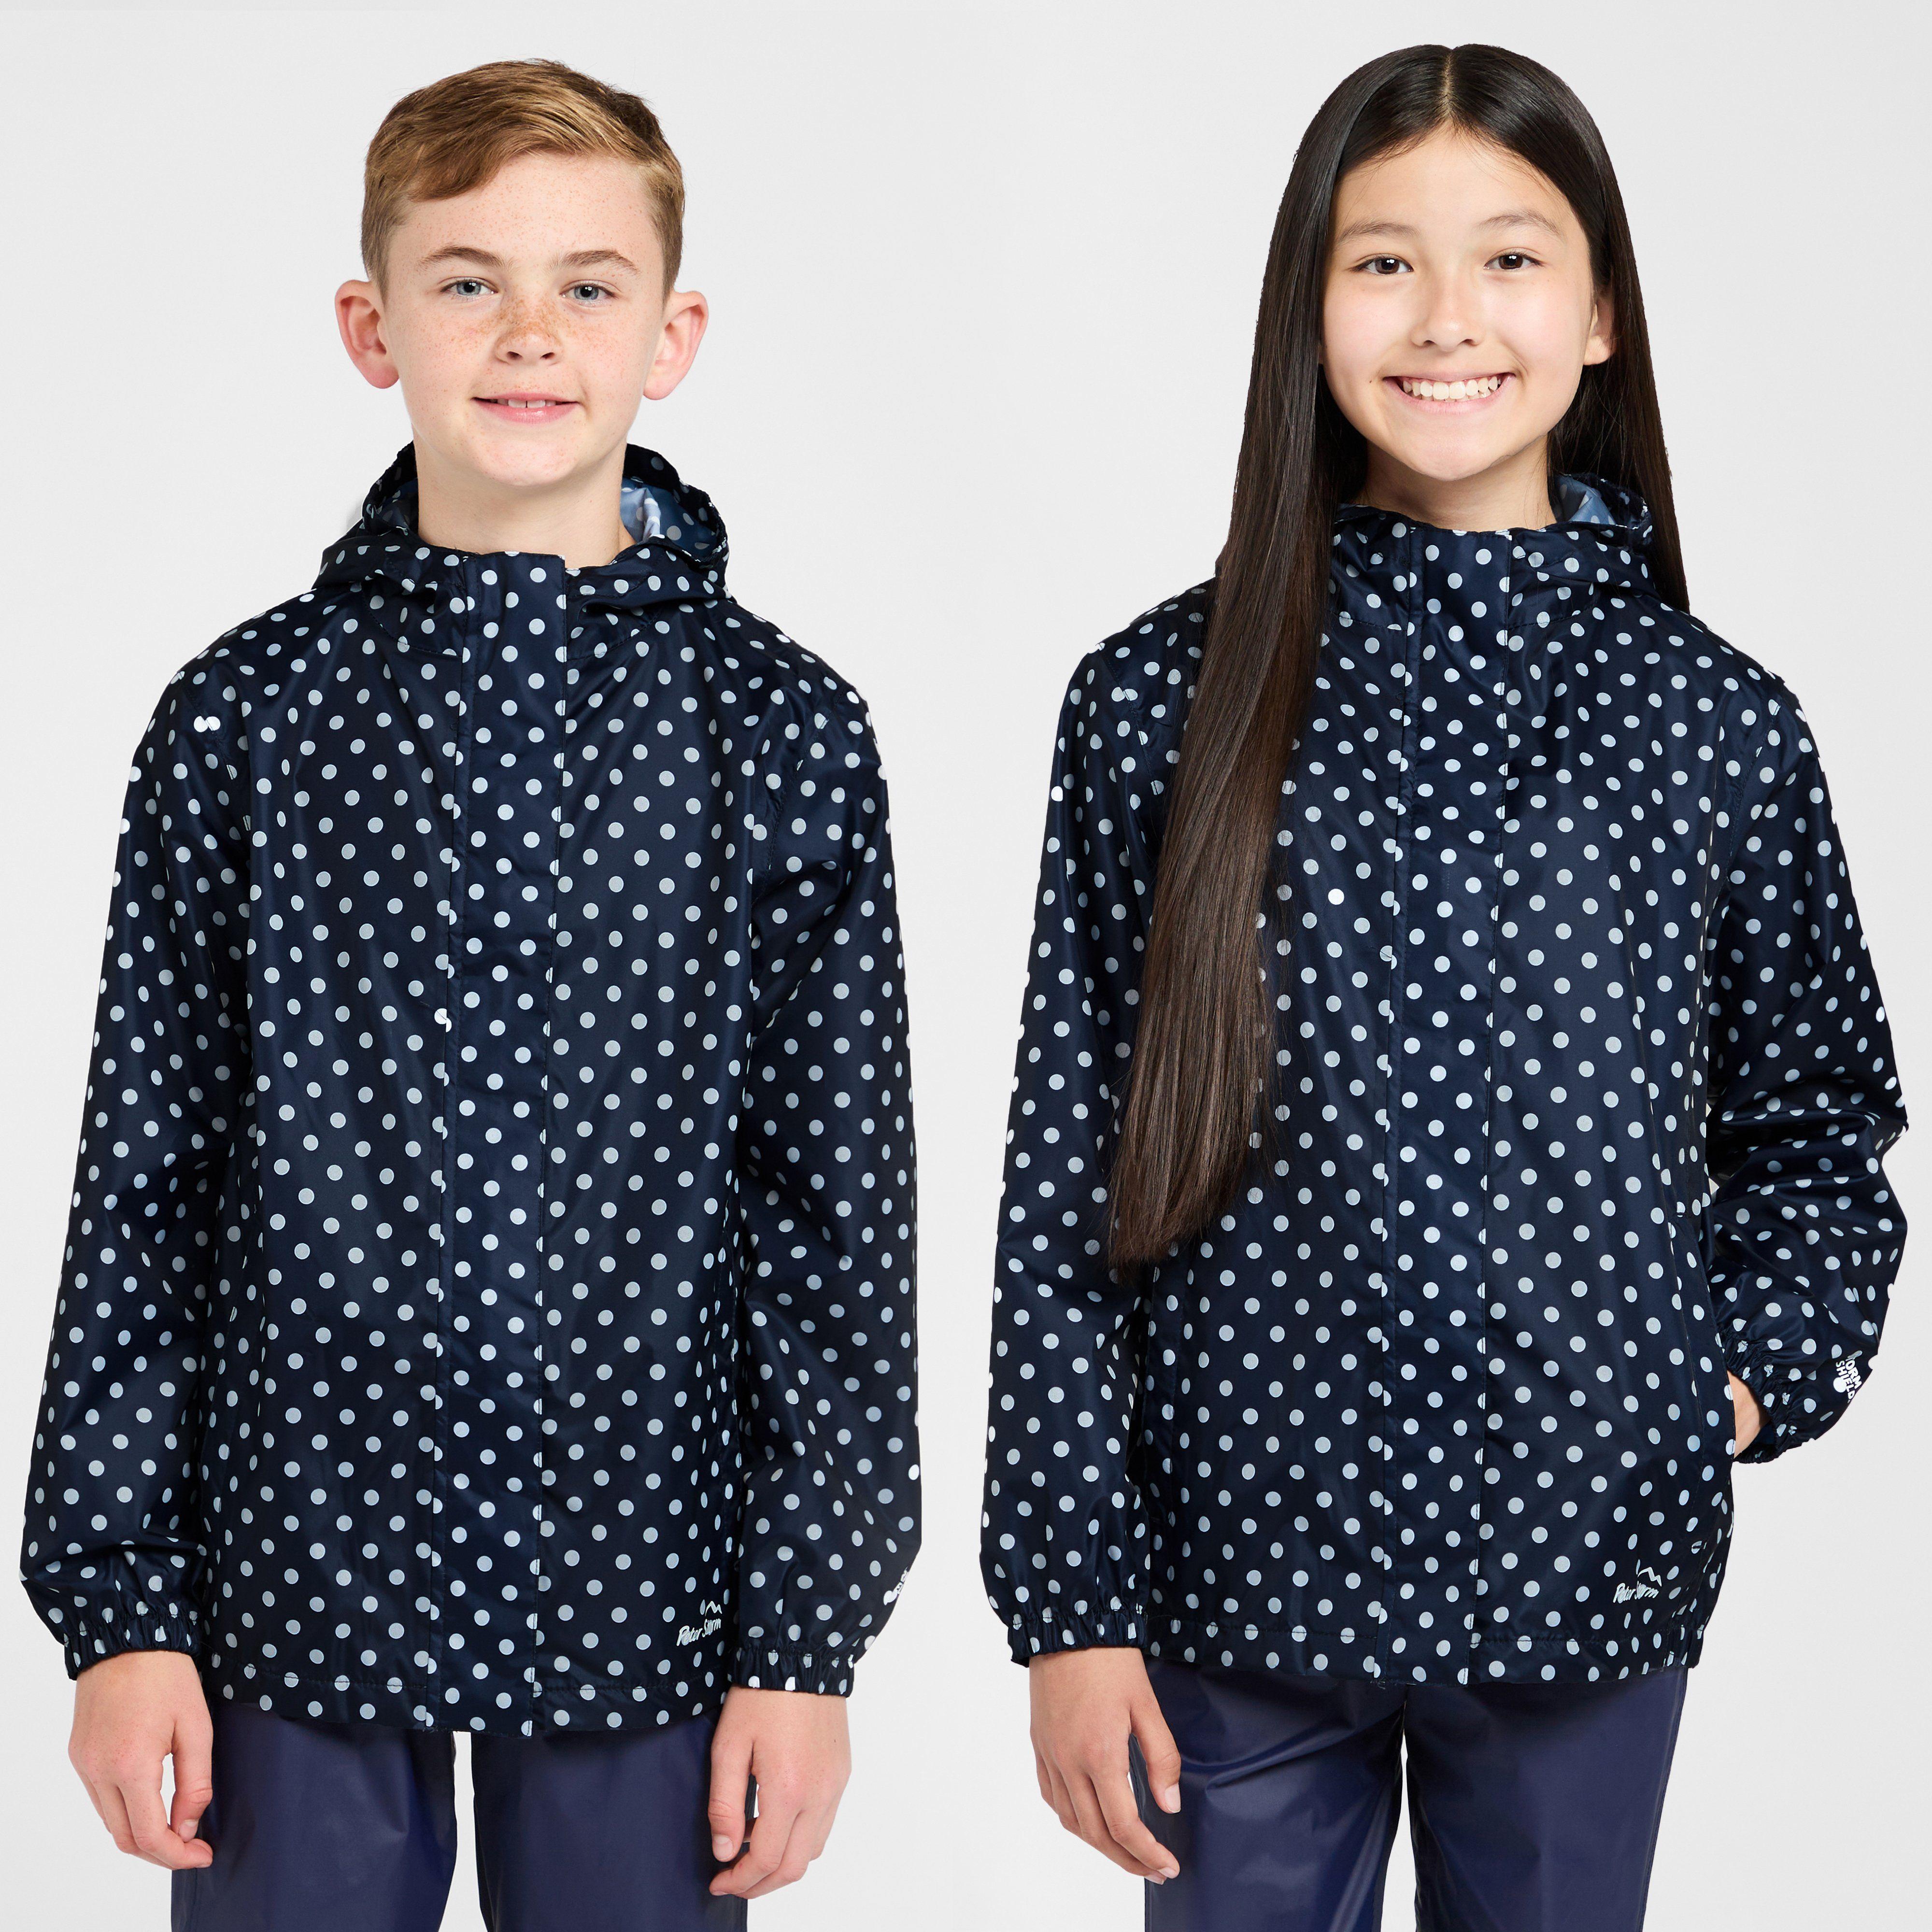 PETER STORM Girls' Packable Patterned Waterproof Jacket